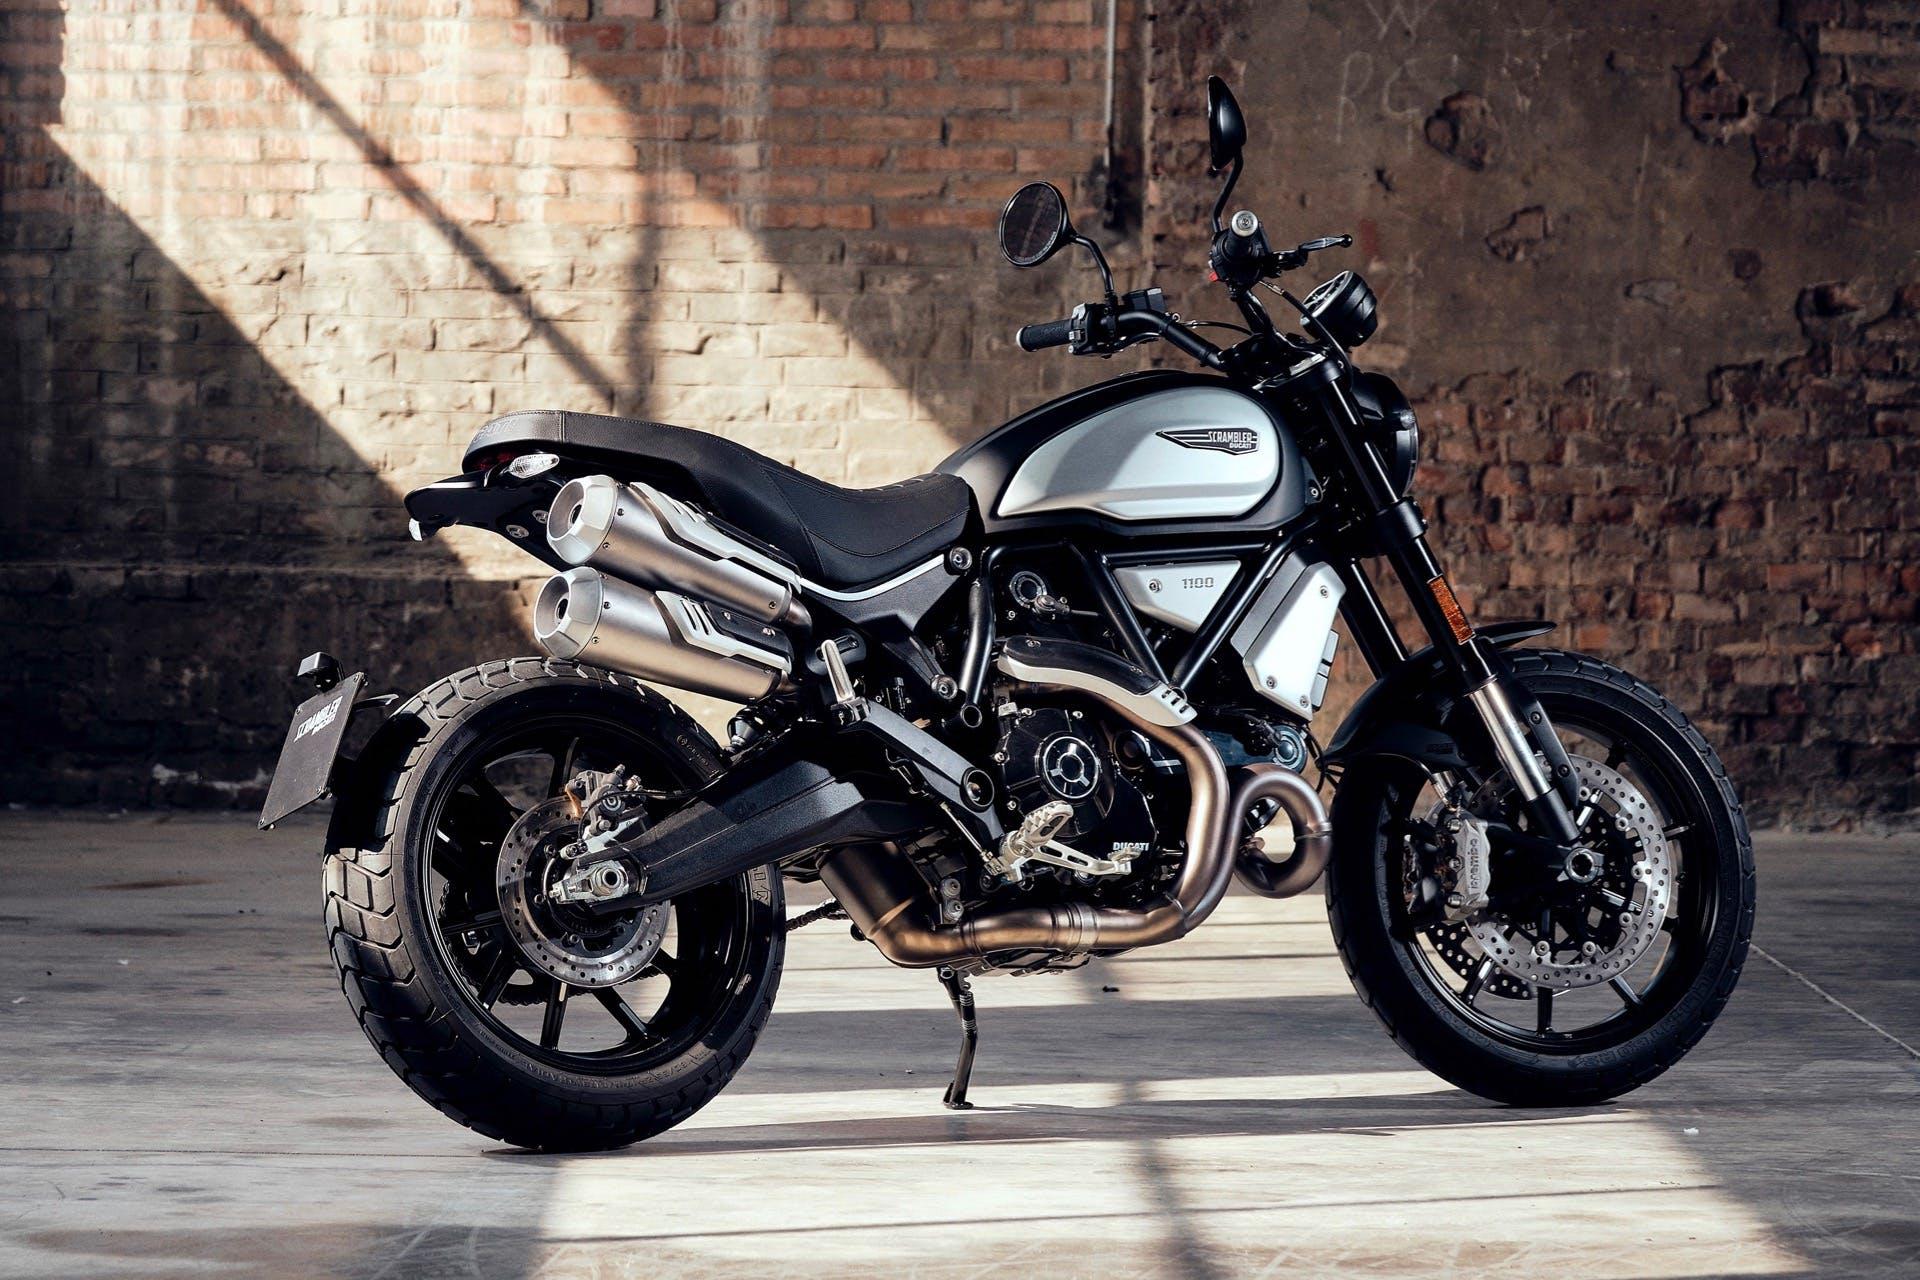 Ducati Scrambler Dark Pro 1100 tre quarti posteriore